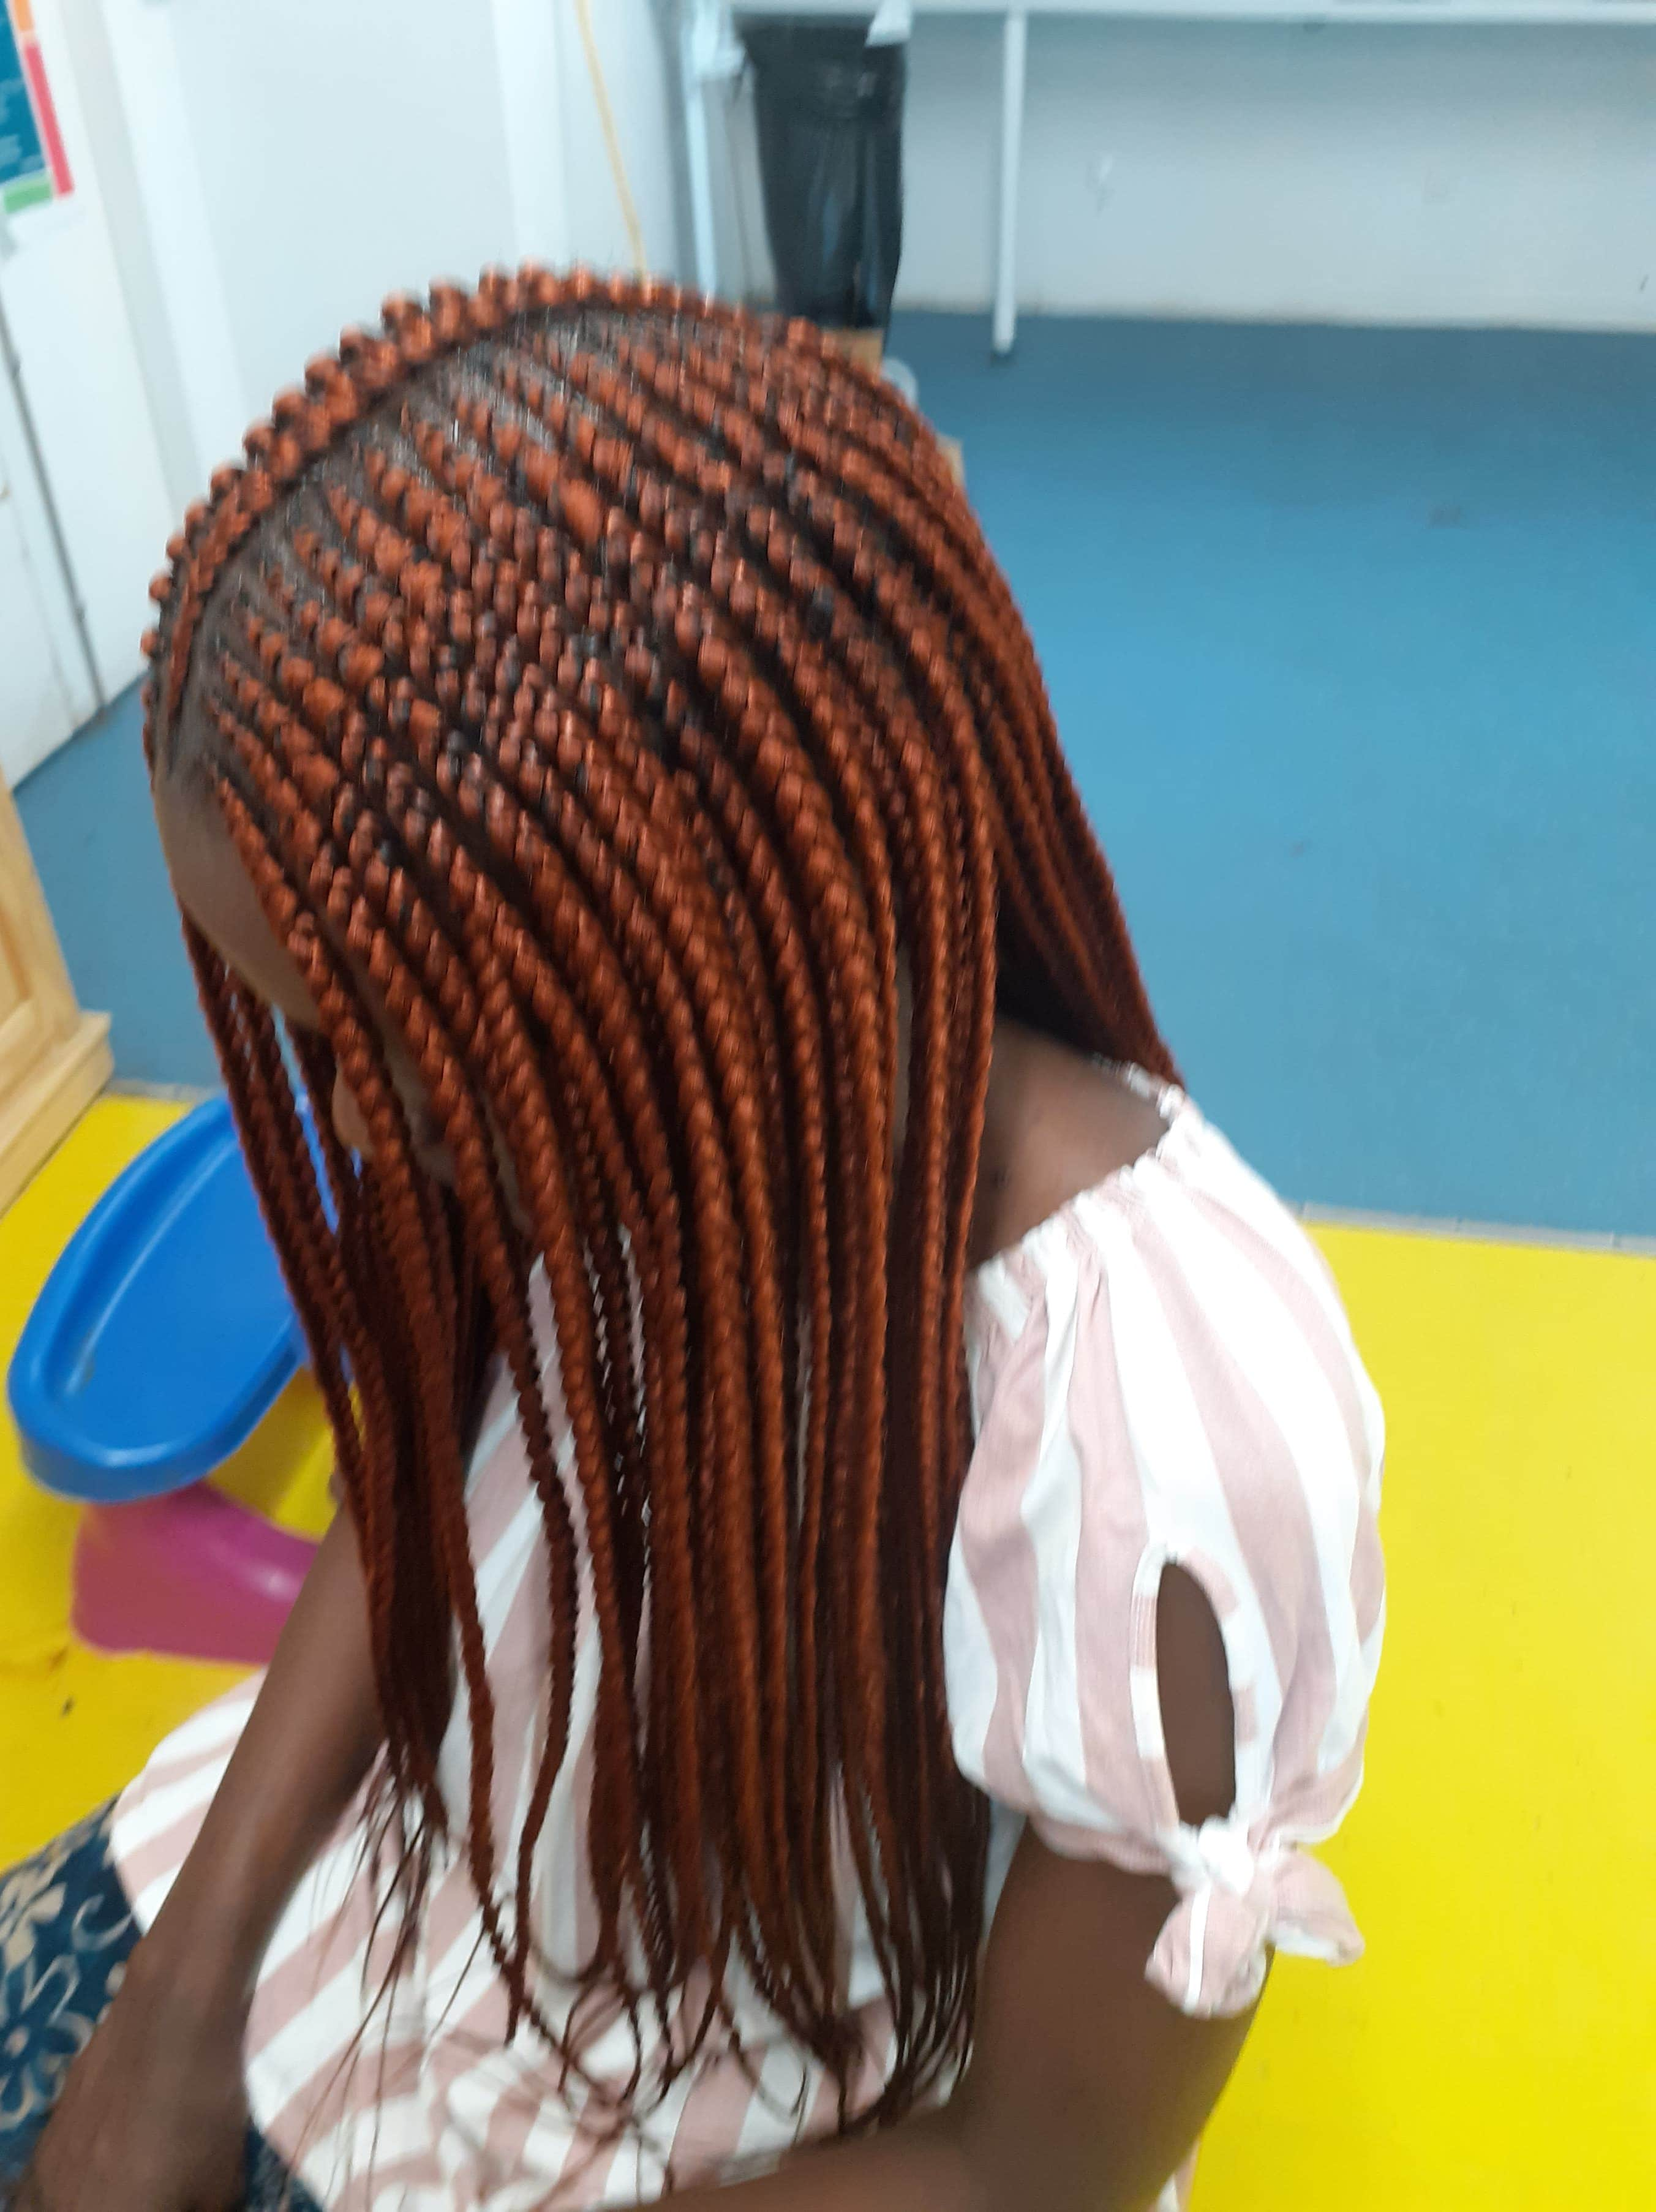 salon de coiffure afro tresse tresses box braids crochet braids vanilles tissages paris 75 77 78 91 92 93 94 95 TBOYWBIA